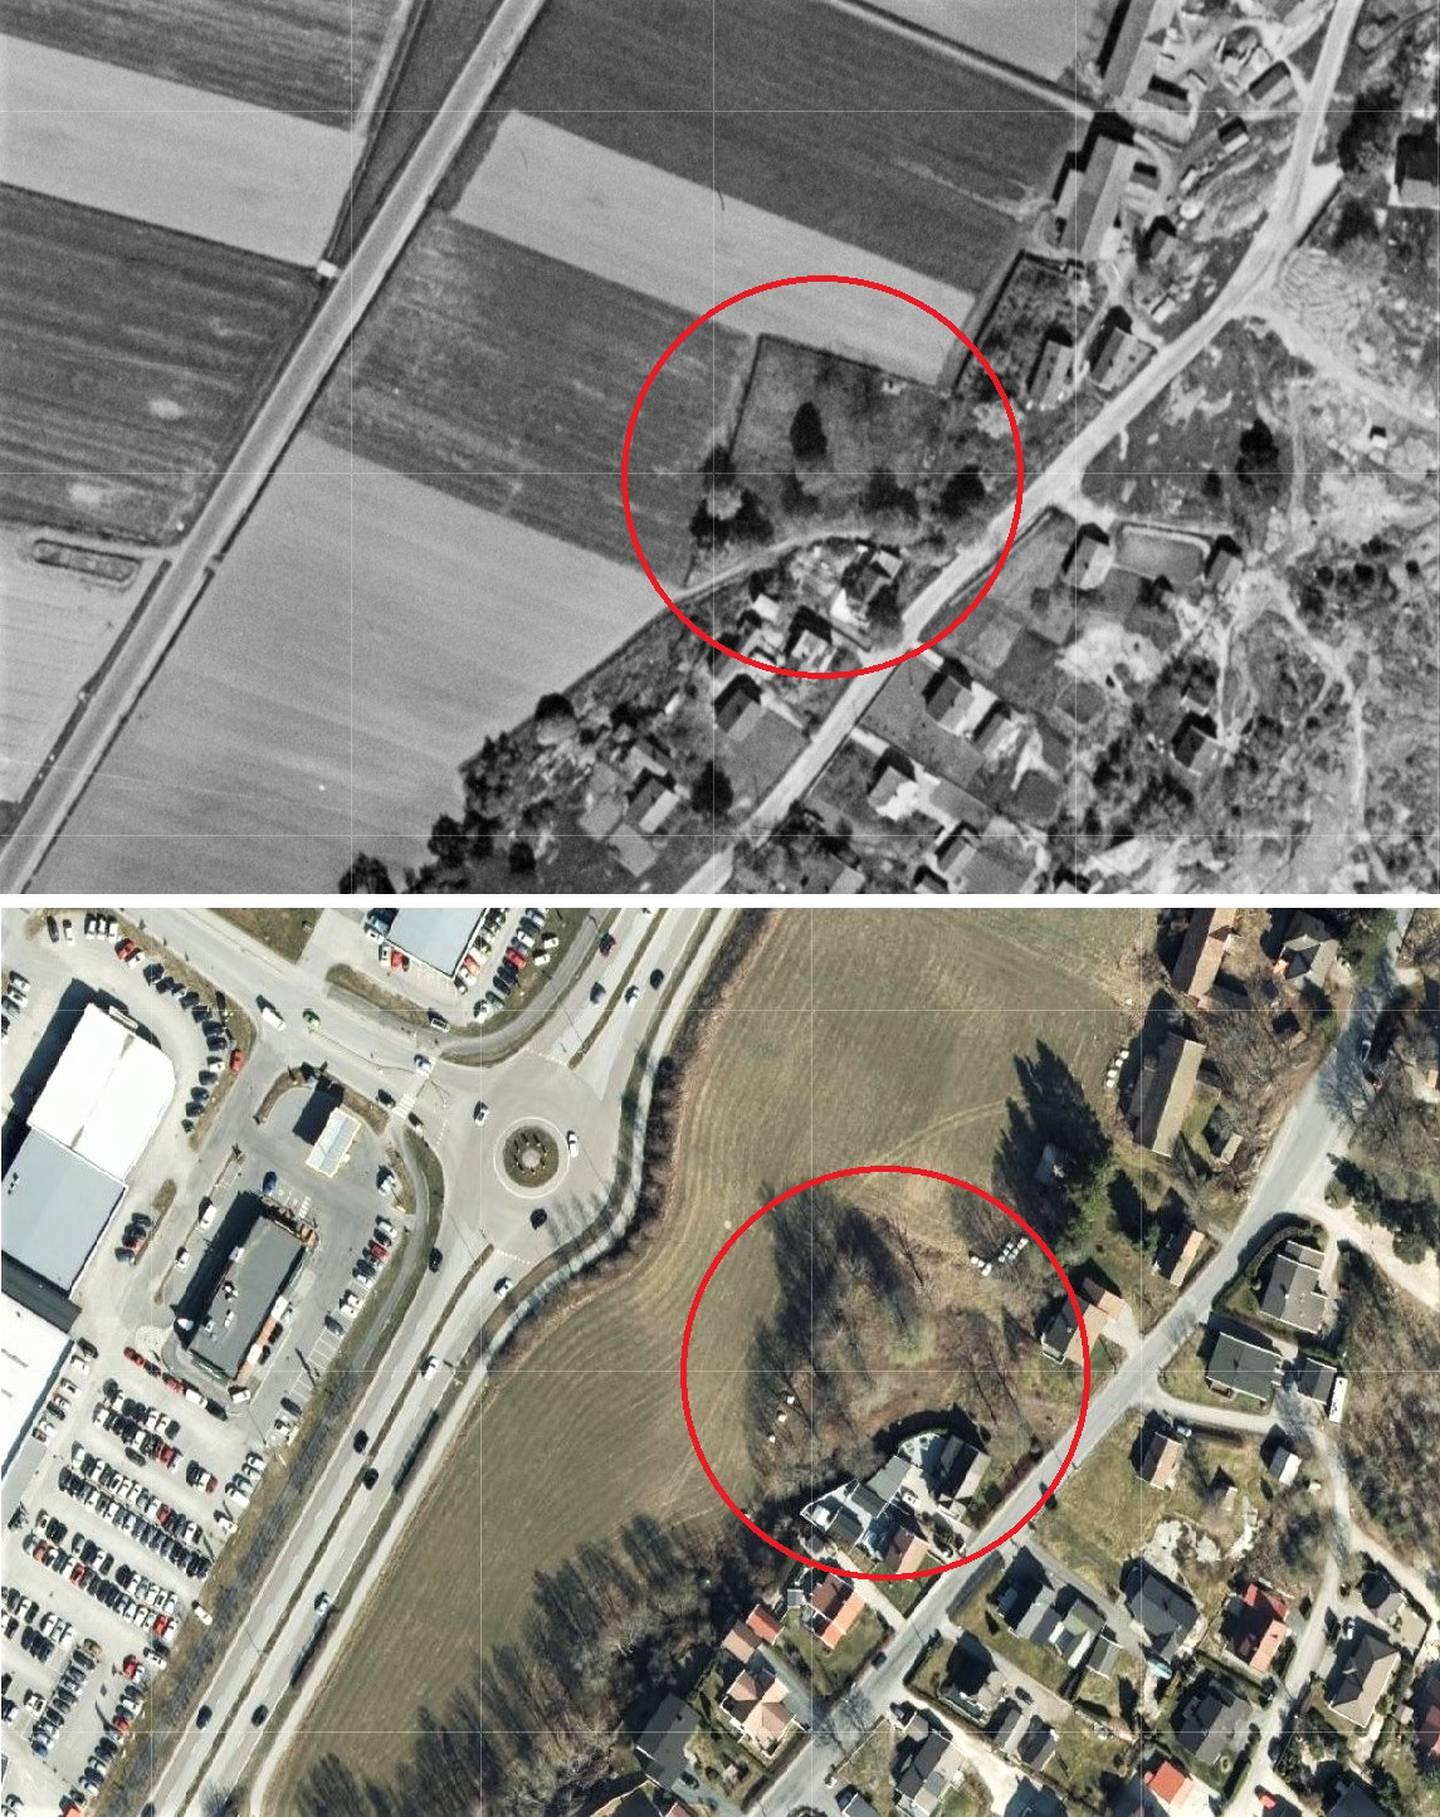 Øverst: Gamle Glemmen hjelpekirkegård på flyfoto fra 1952. Nederst ser vi samme område fotografert i 2020.